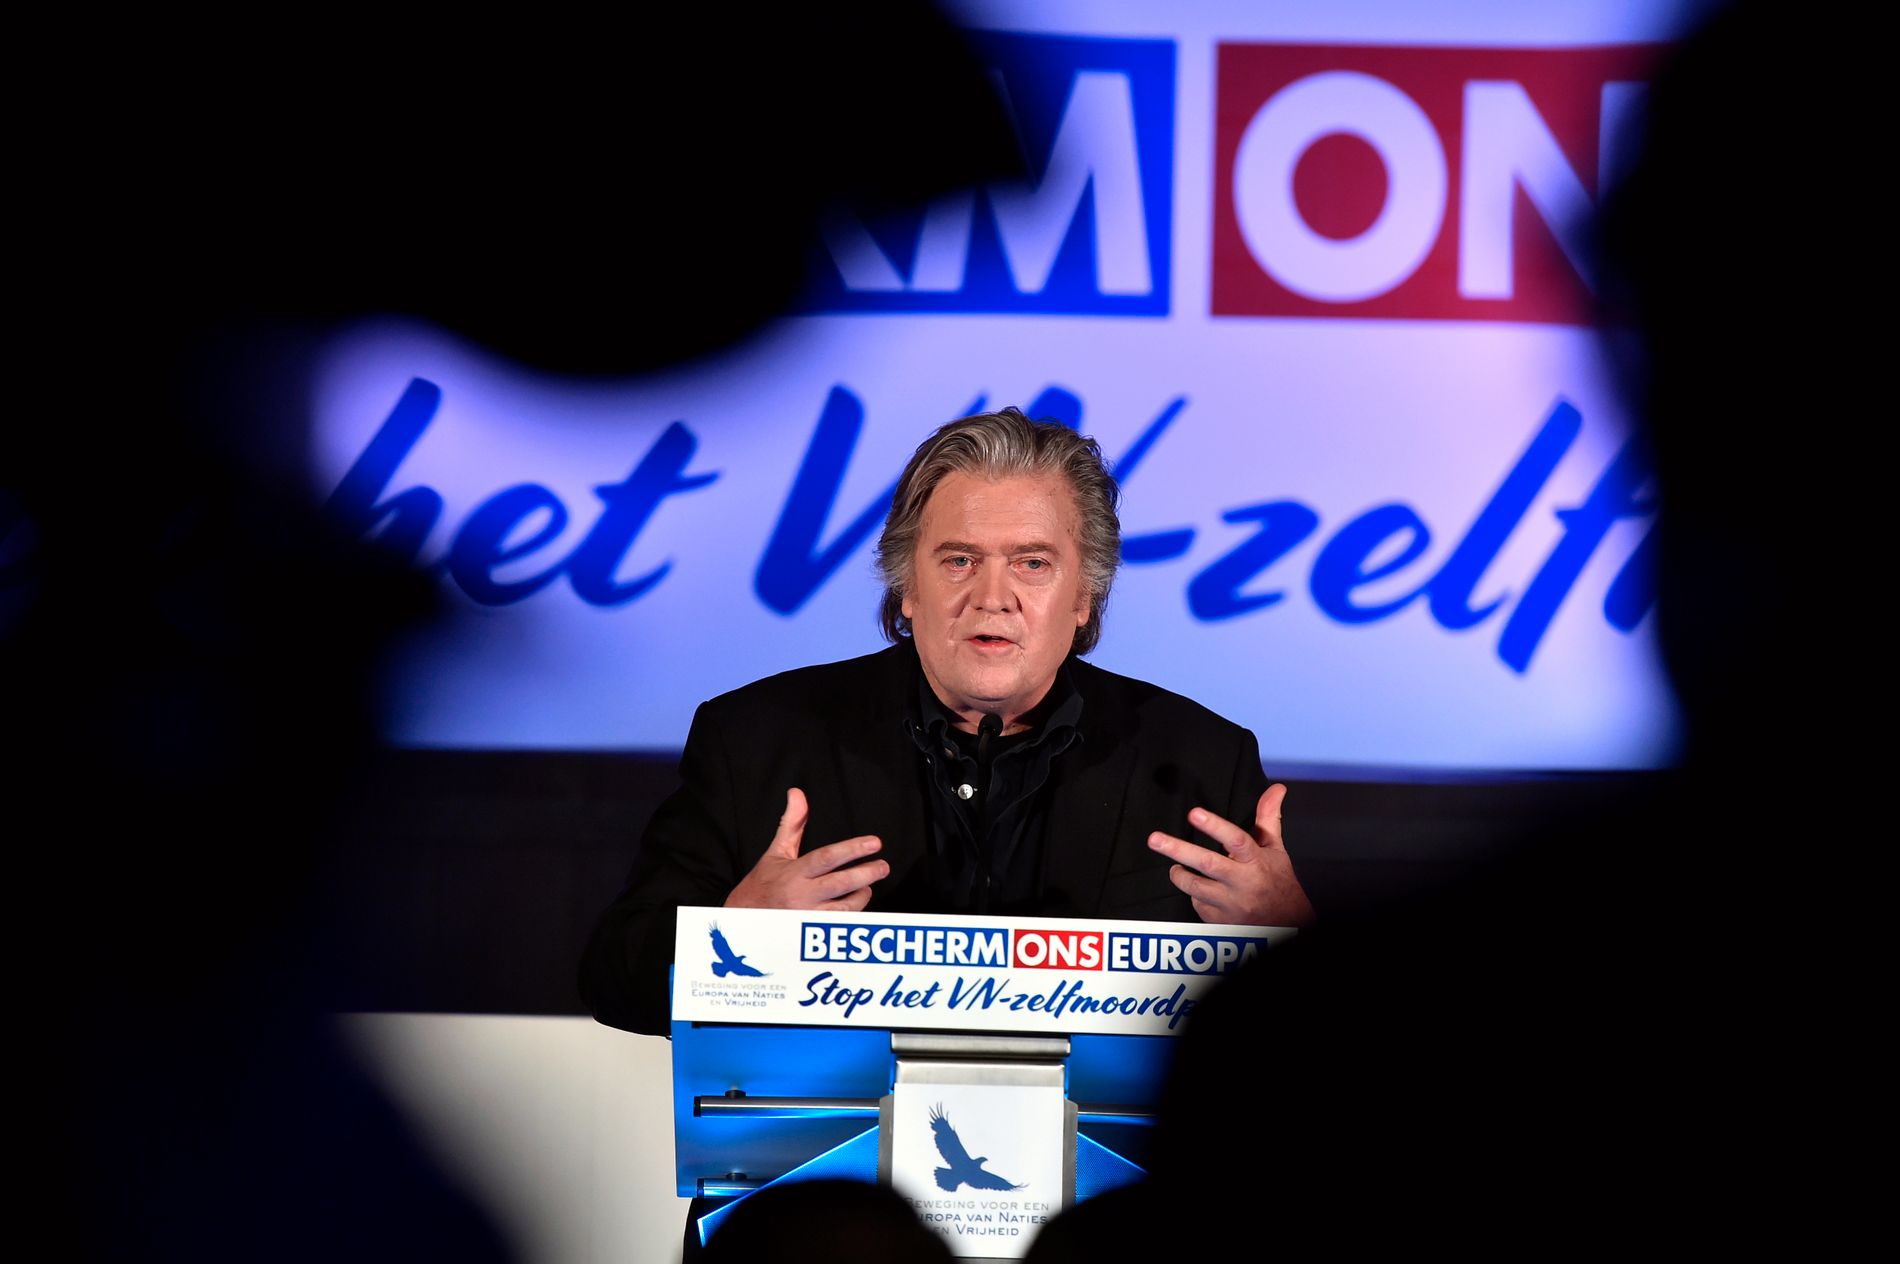 PRØVER Å BYGGE SEG OPP: Steve Bannon har mistet mye av sin innflytelse i USA, nå prøver han å bygge seg opp i Europa.